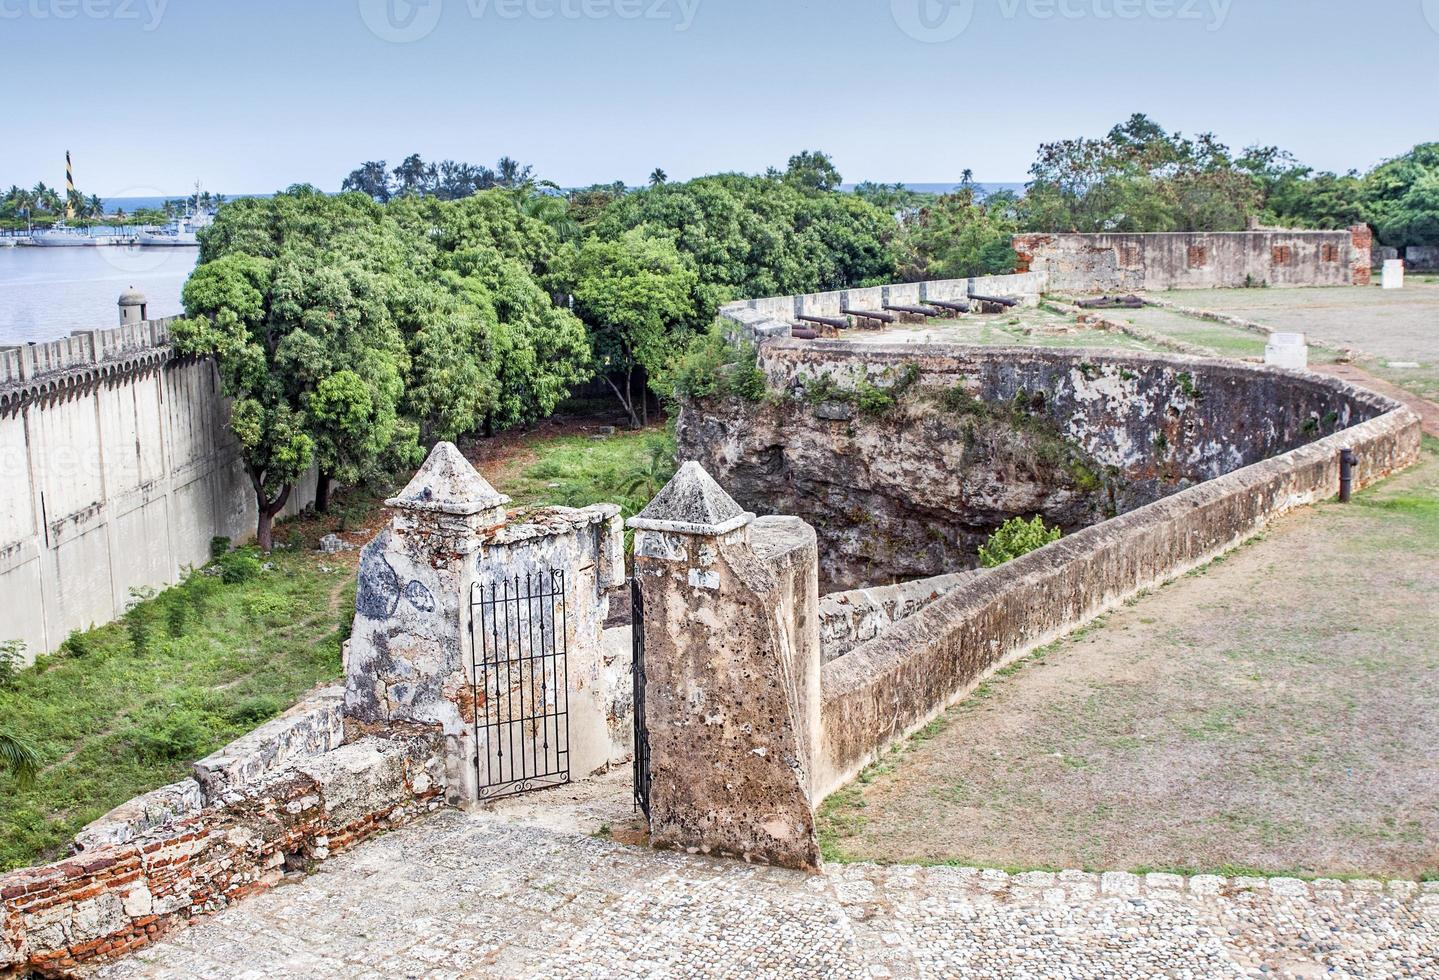 ozama flod och fästning, Dominikanska republiken foto